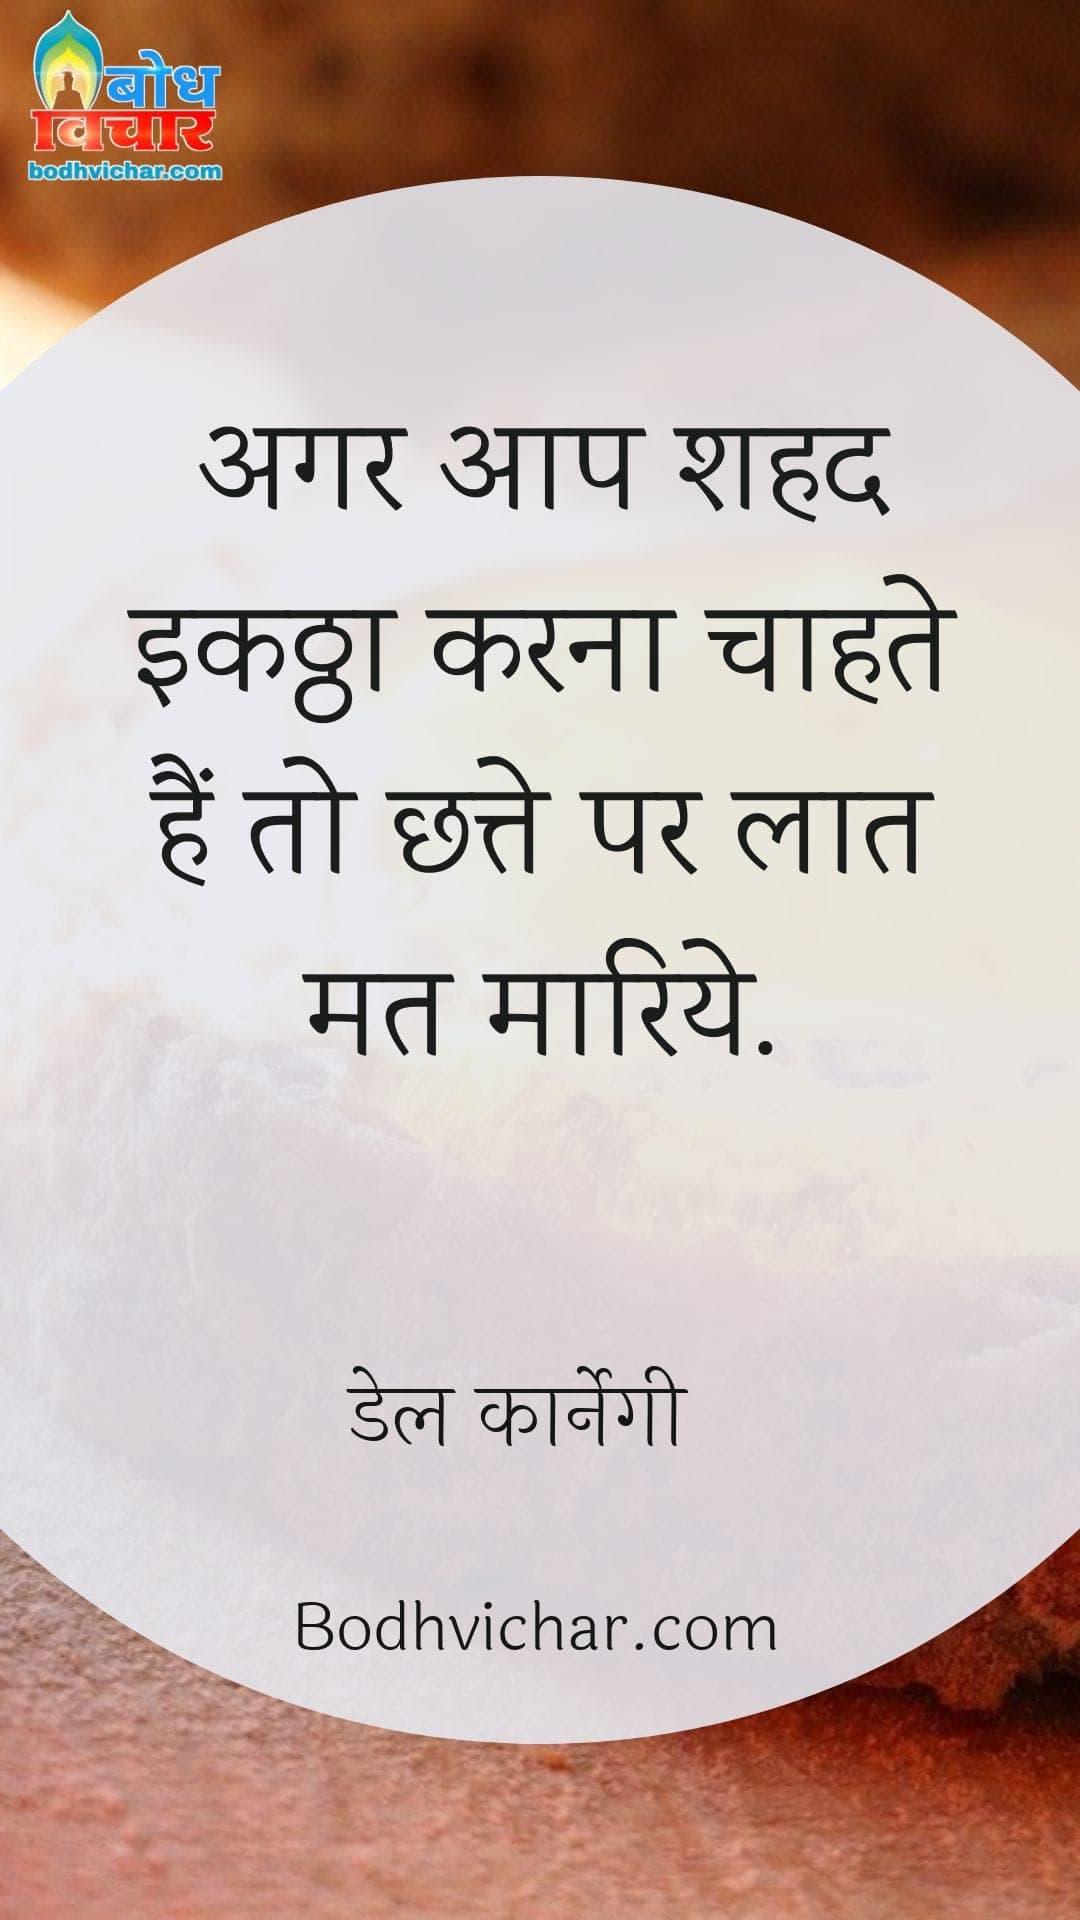 अगर आप शहद इकठ्ठा करना चाहते हैं तो छत्ते पर लात मत मारिये. : Agar aap shahad ikattha karna chahte hain to chhatte par laat mat maariye. - डेल कार्नेगी